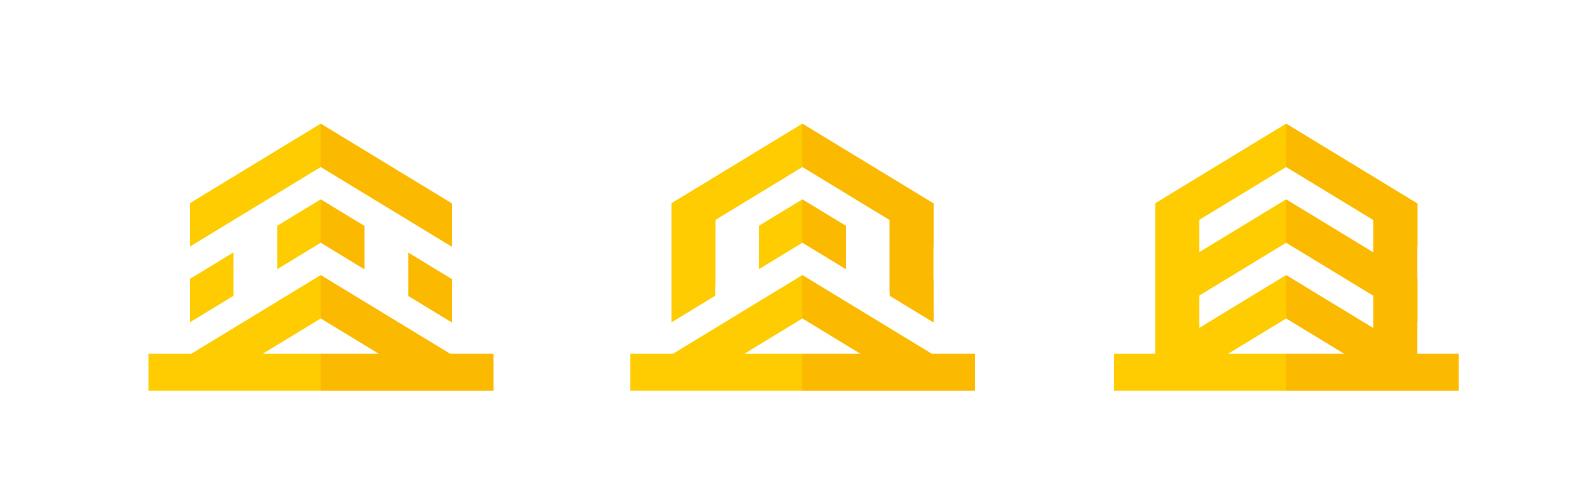 Разработка логотипа с паспортом стандартов фото f_1515ba3747eef0e8.jpg